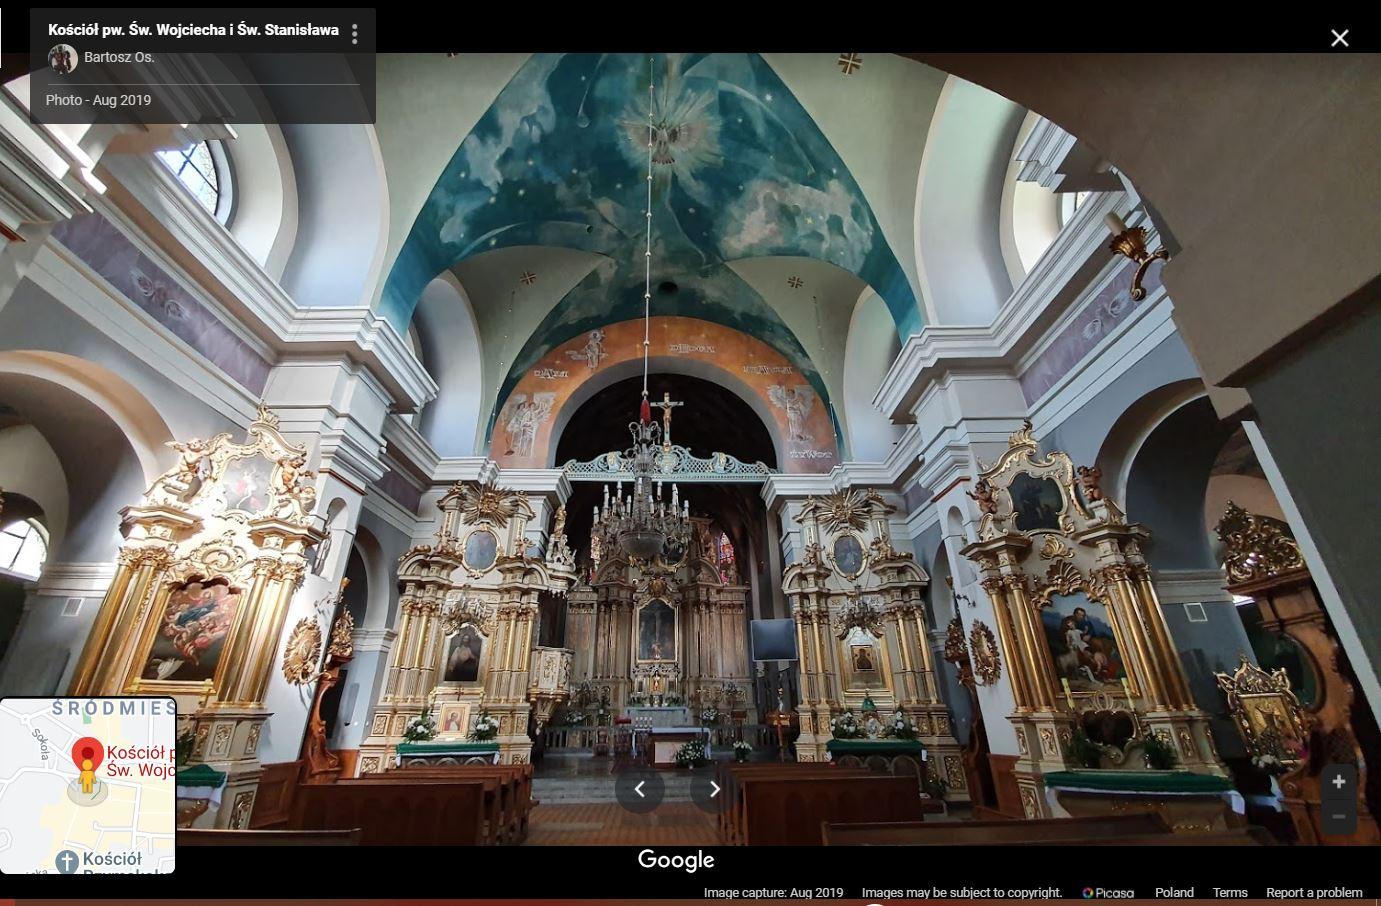 Poznaj najpiękniejsze miejsca kultu religijnego na Podkarpaciu - Zdjęcie główne